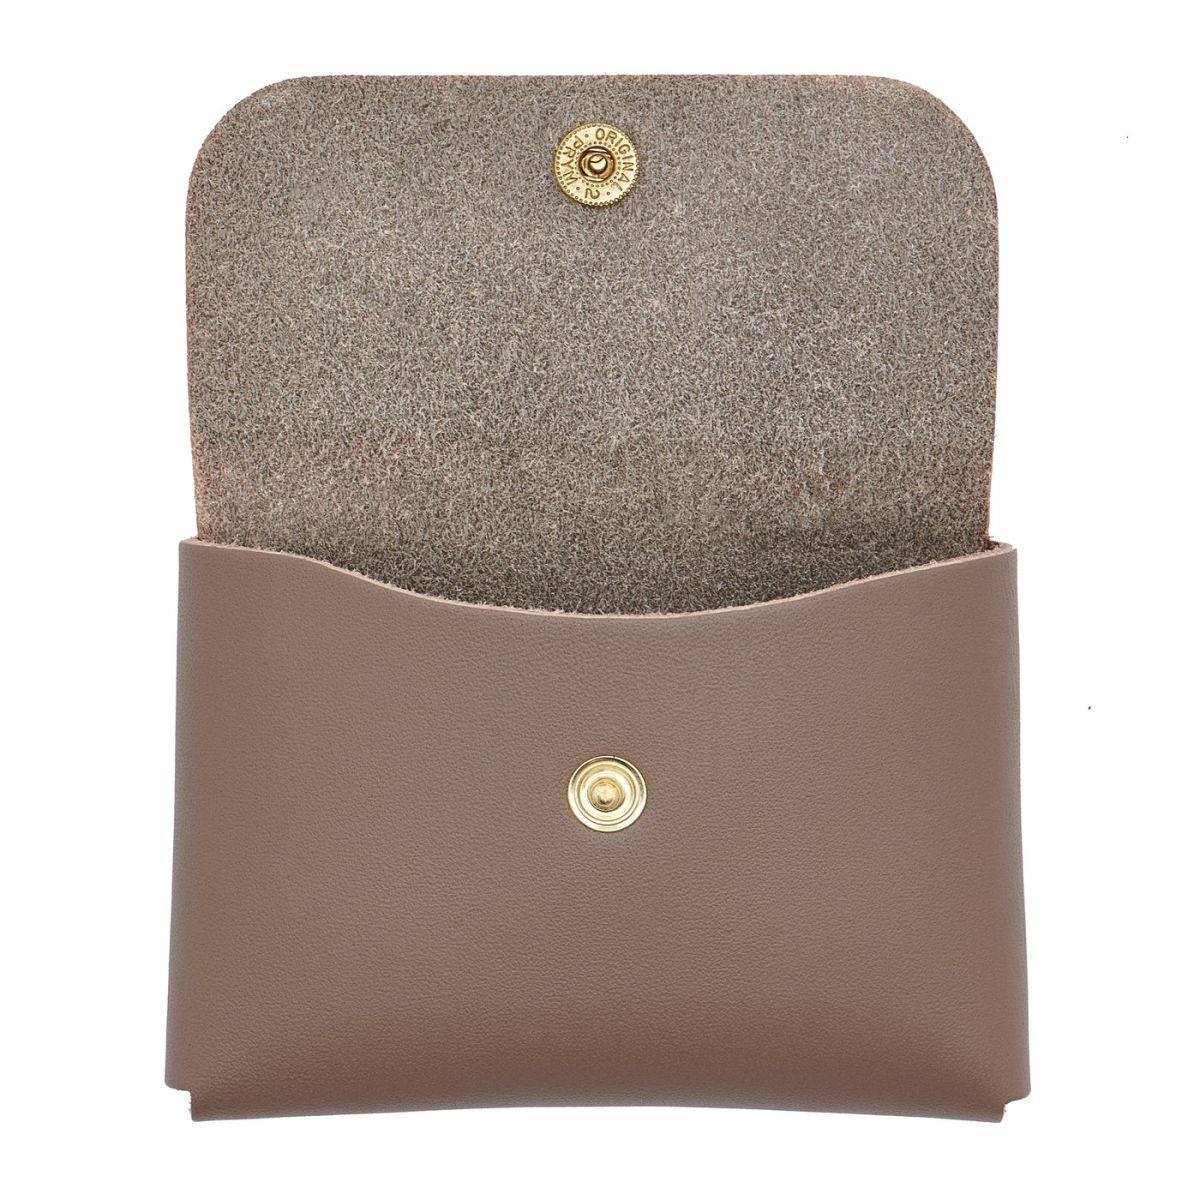 Porte-Cartes en Cuir De Vachette Doublé couleur Gris - SCC032 | Details